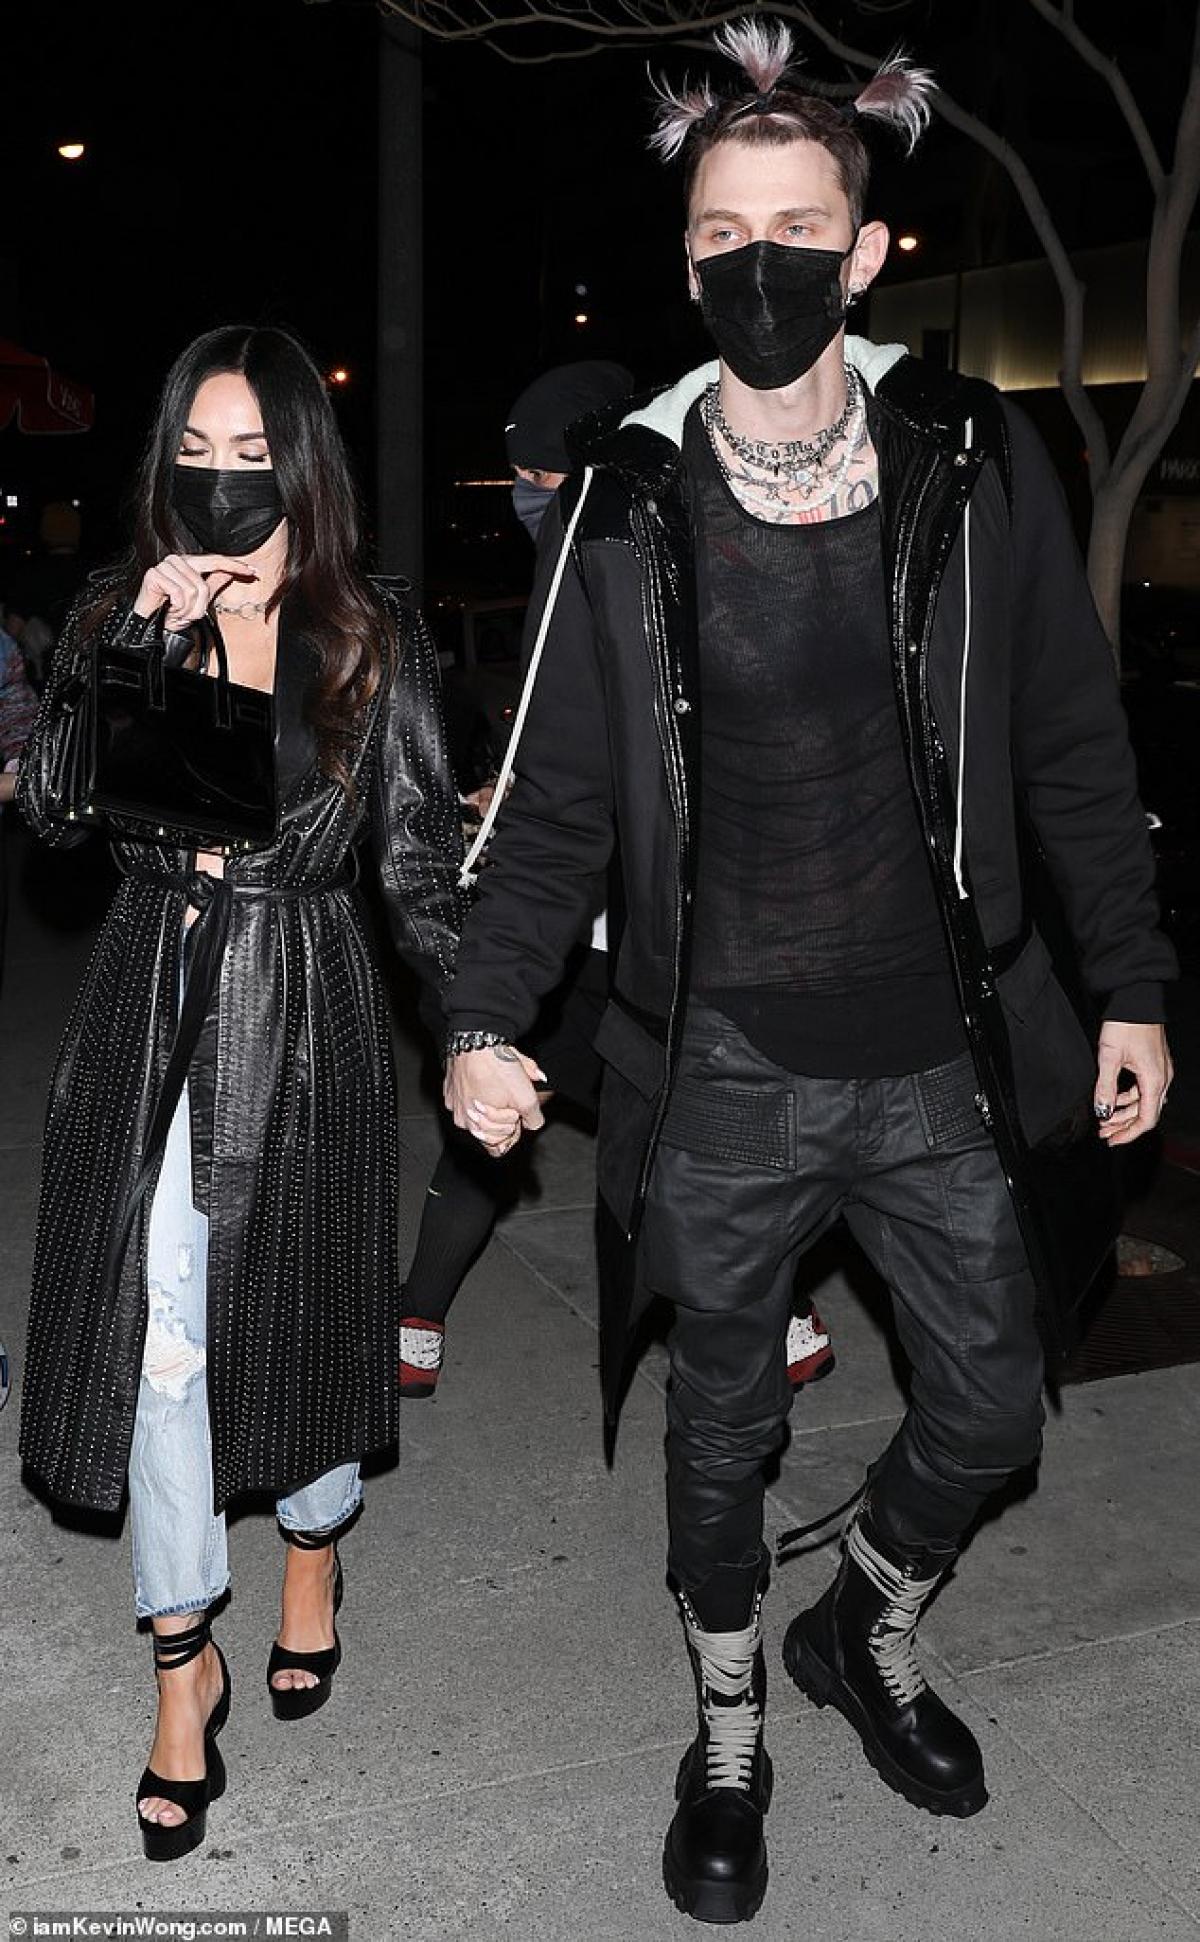 Cả hai mặc đồ đồng điệu, sang chảnh.